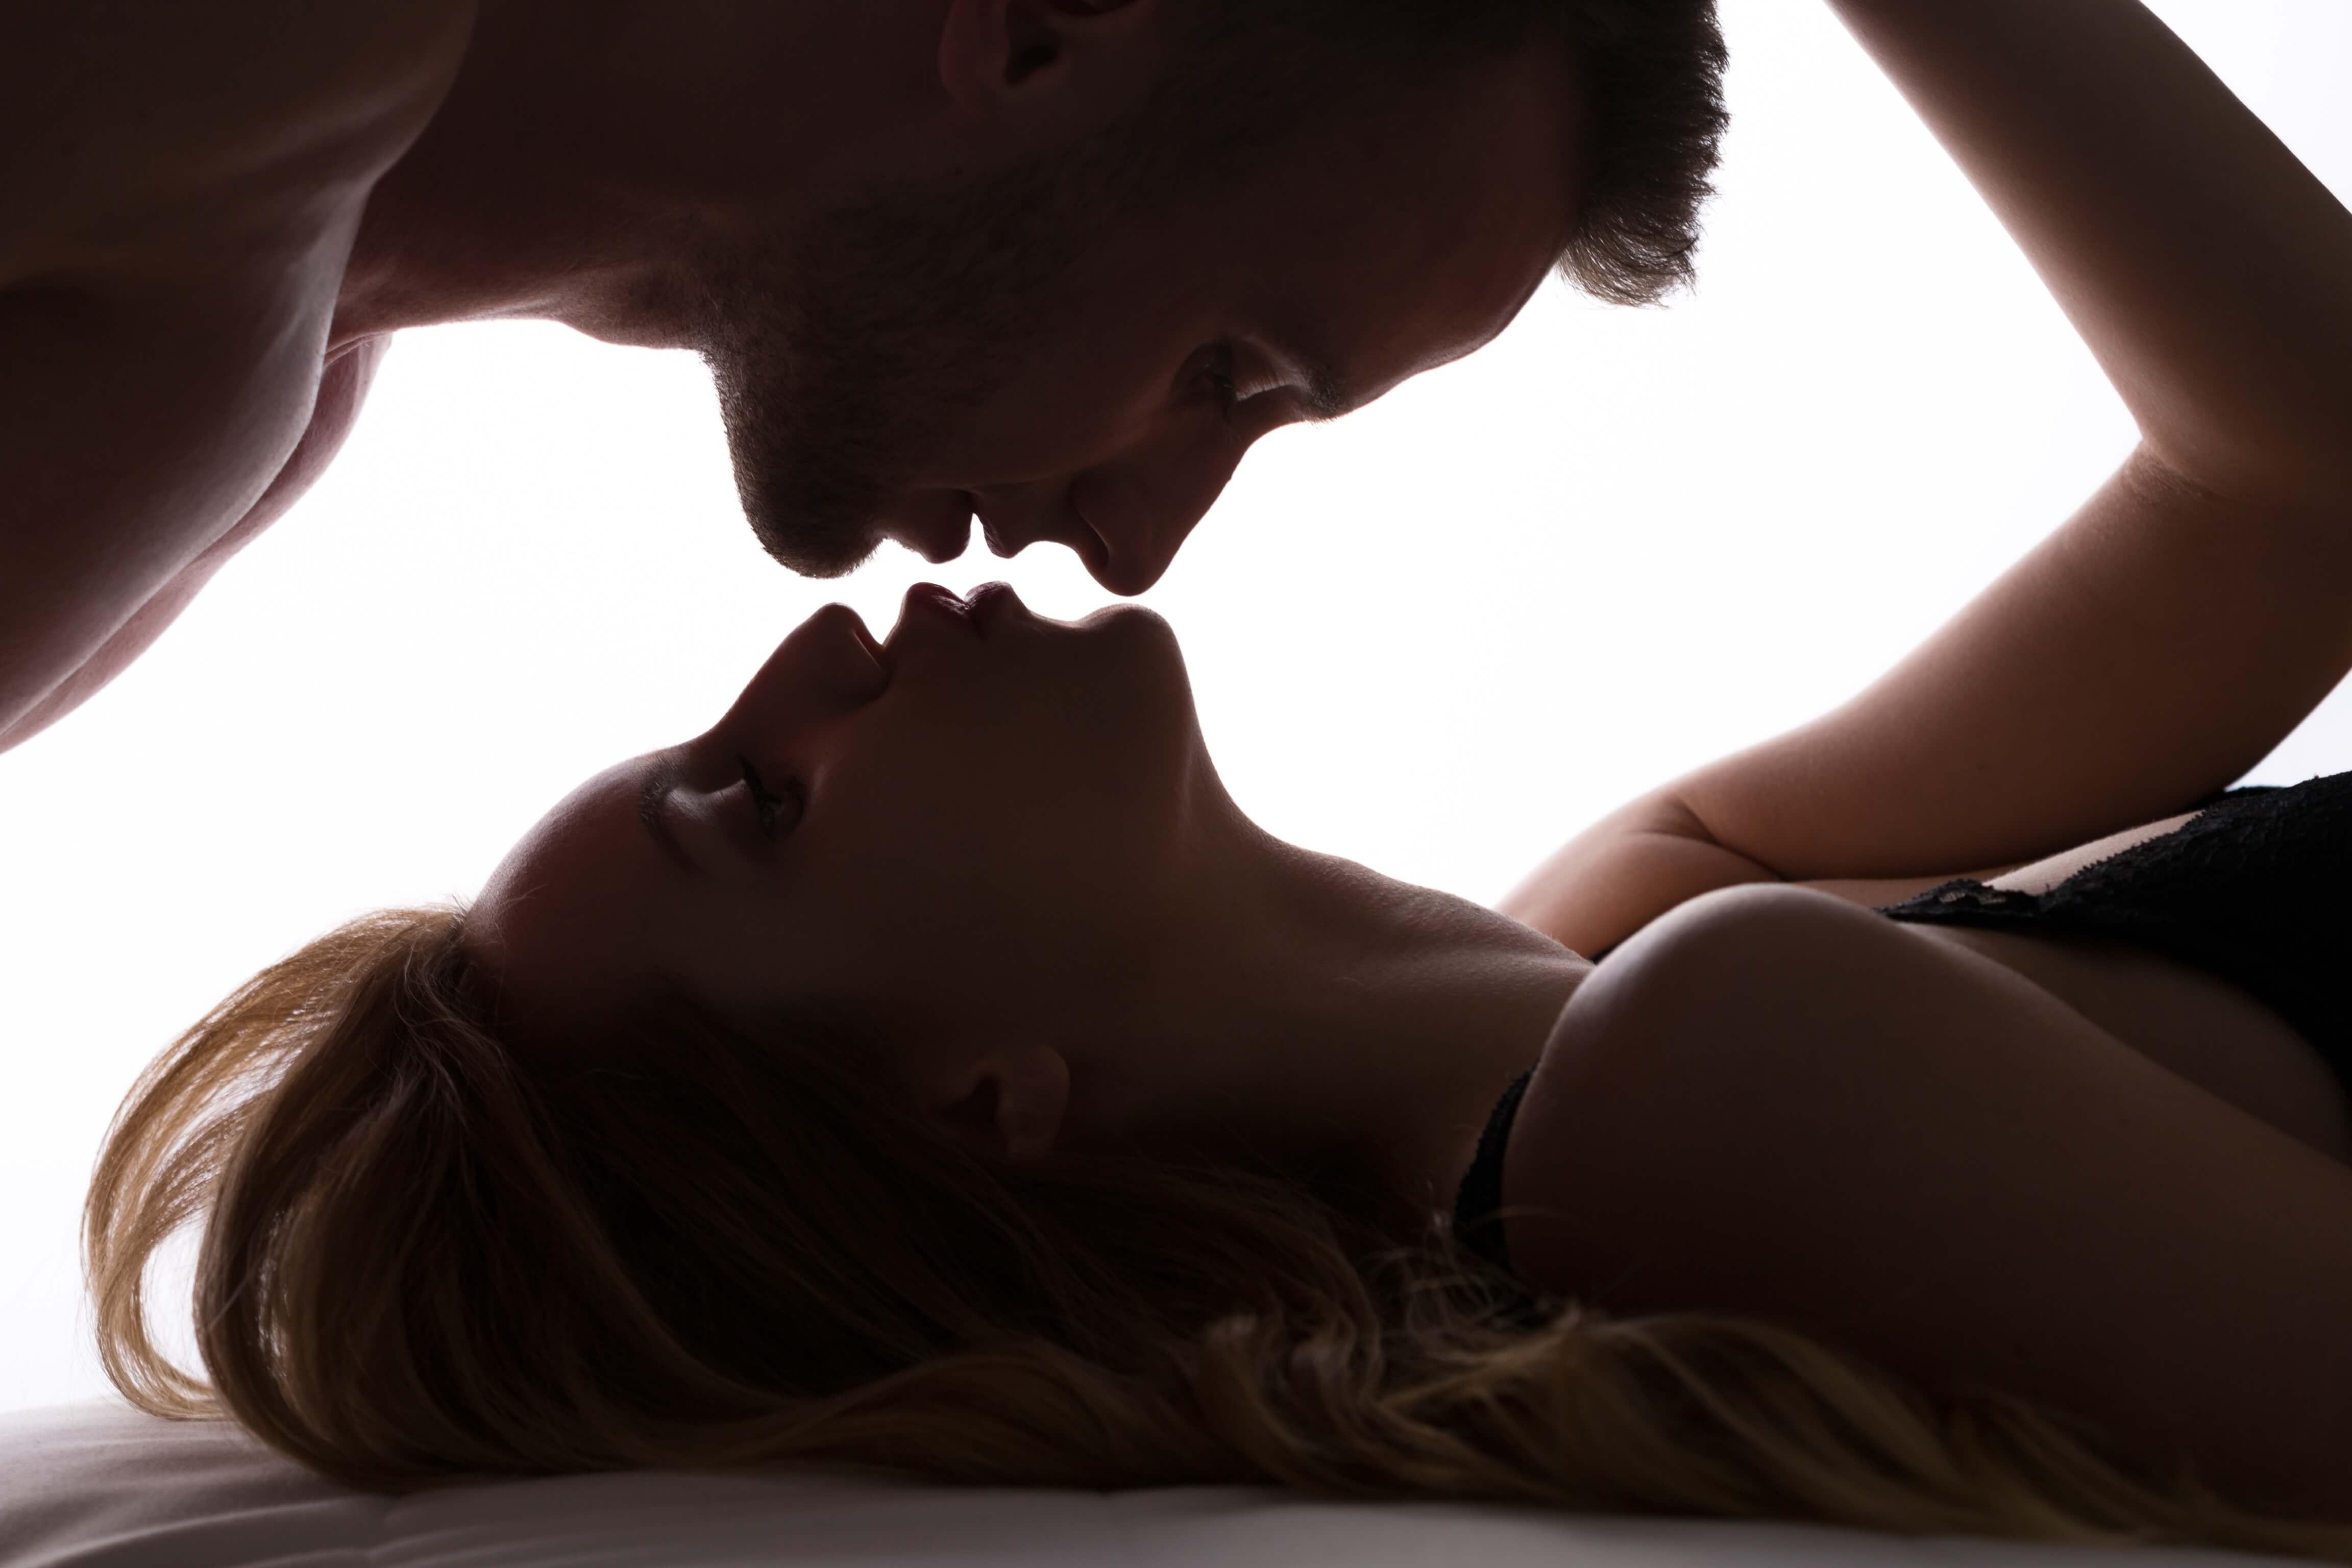 видно, кроме картинки с секмуальными поцелуями далеко весь свет